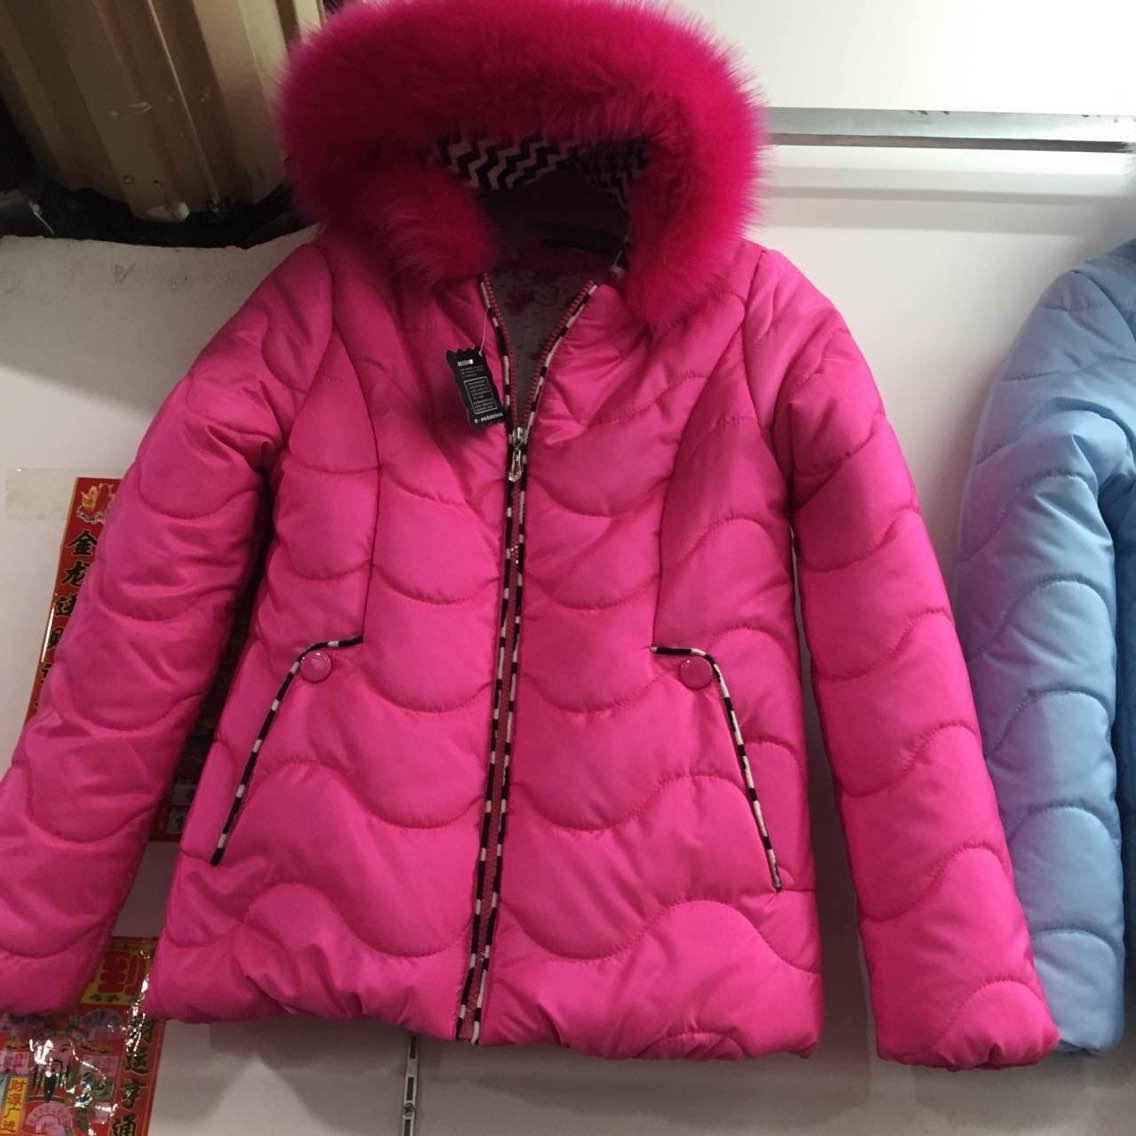 喀什最便宜冬装加厚棉服加绒裤子加绒马夹爆款女装棉衣低价批发